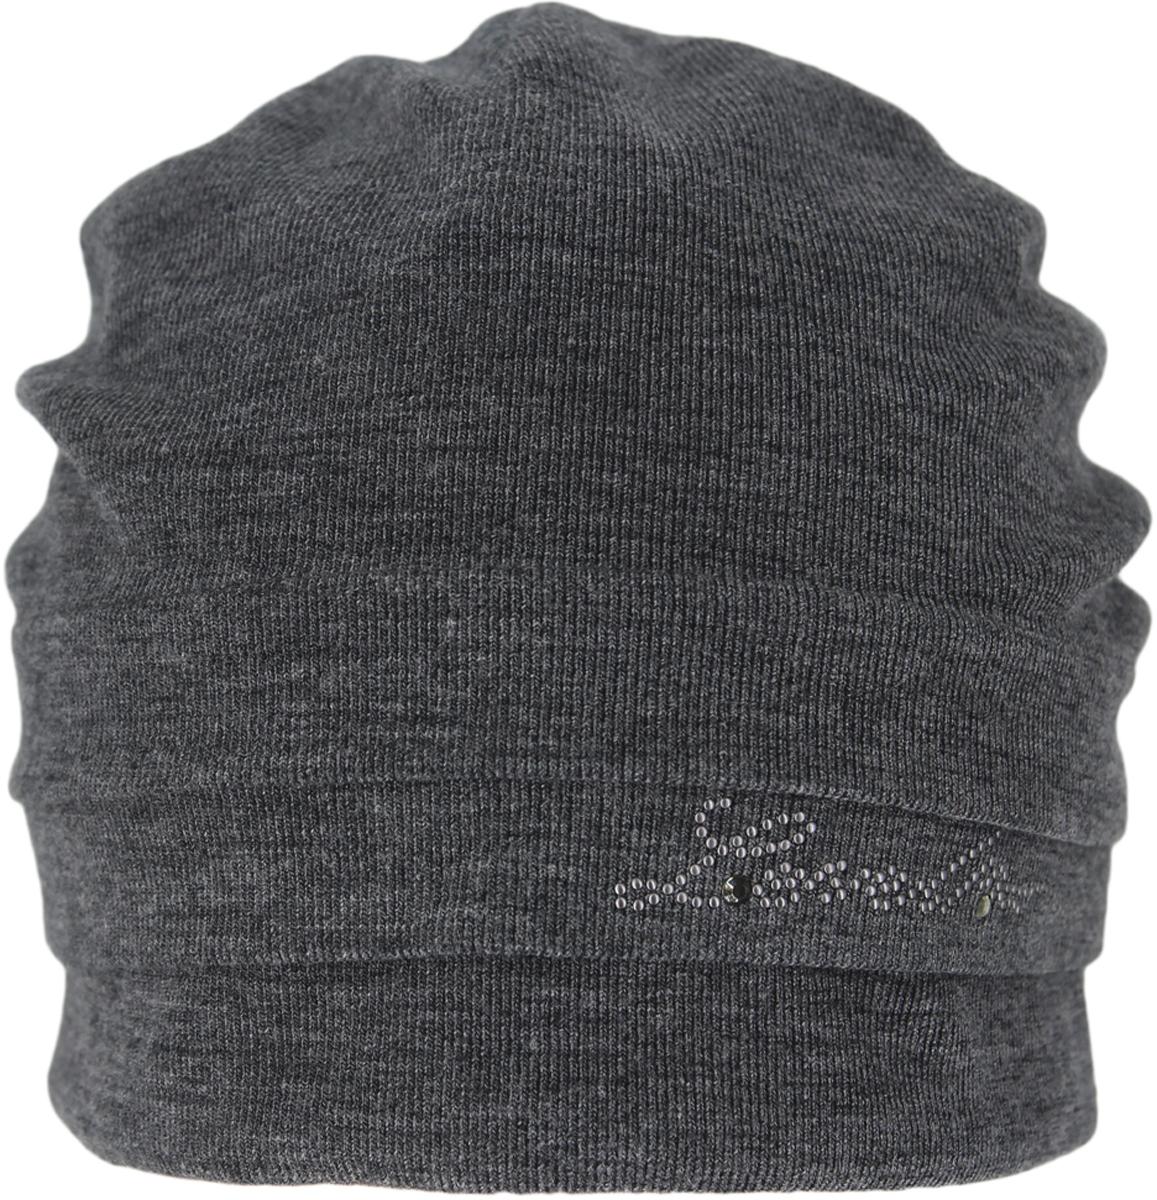 Шапка женская. 391901391901Теплая женская шапка ,детали и оттенок изделия могут отличаться от представленных на фото